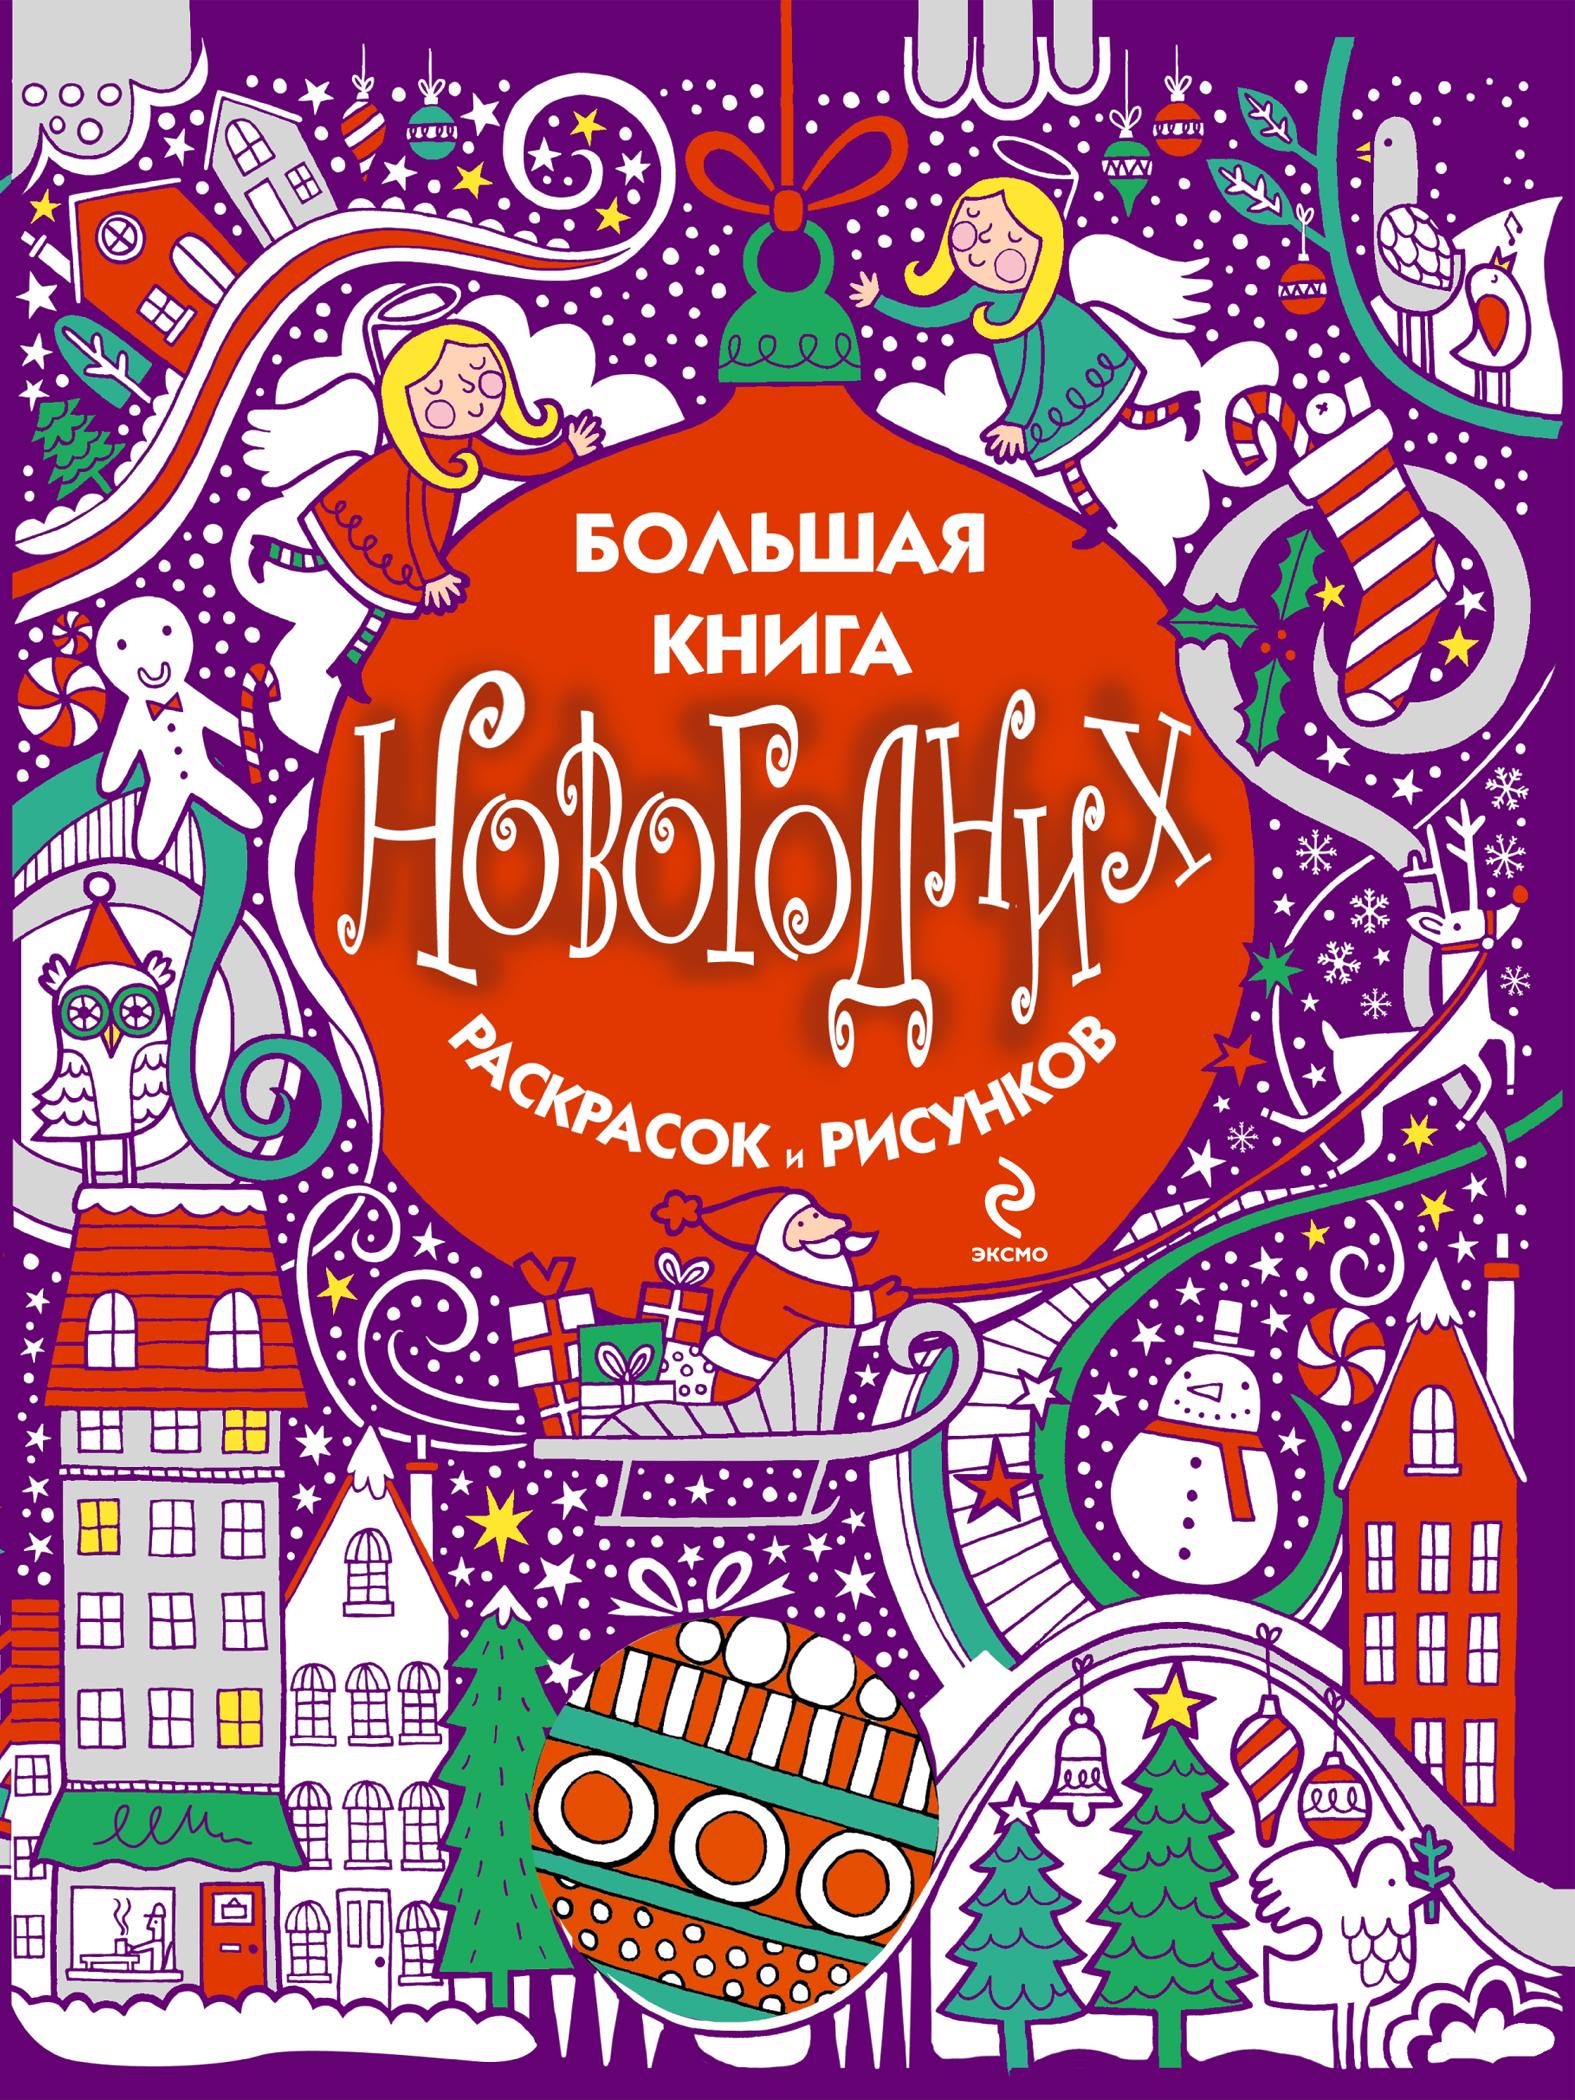 Фиона Уотт. Большая книга новогодних раскрасок и рисунков. Для детей от 7 лет